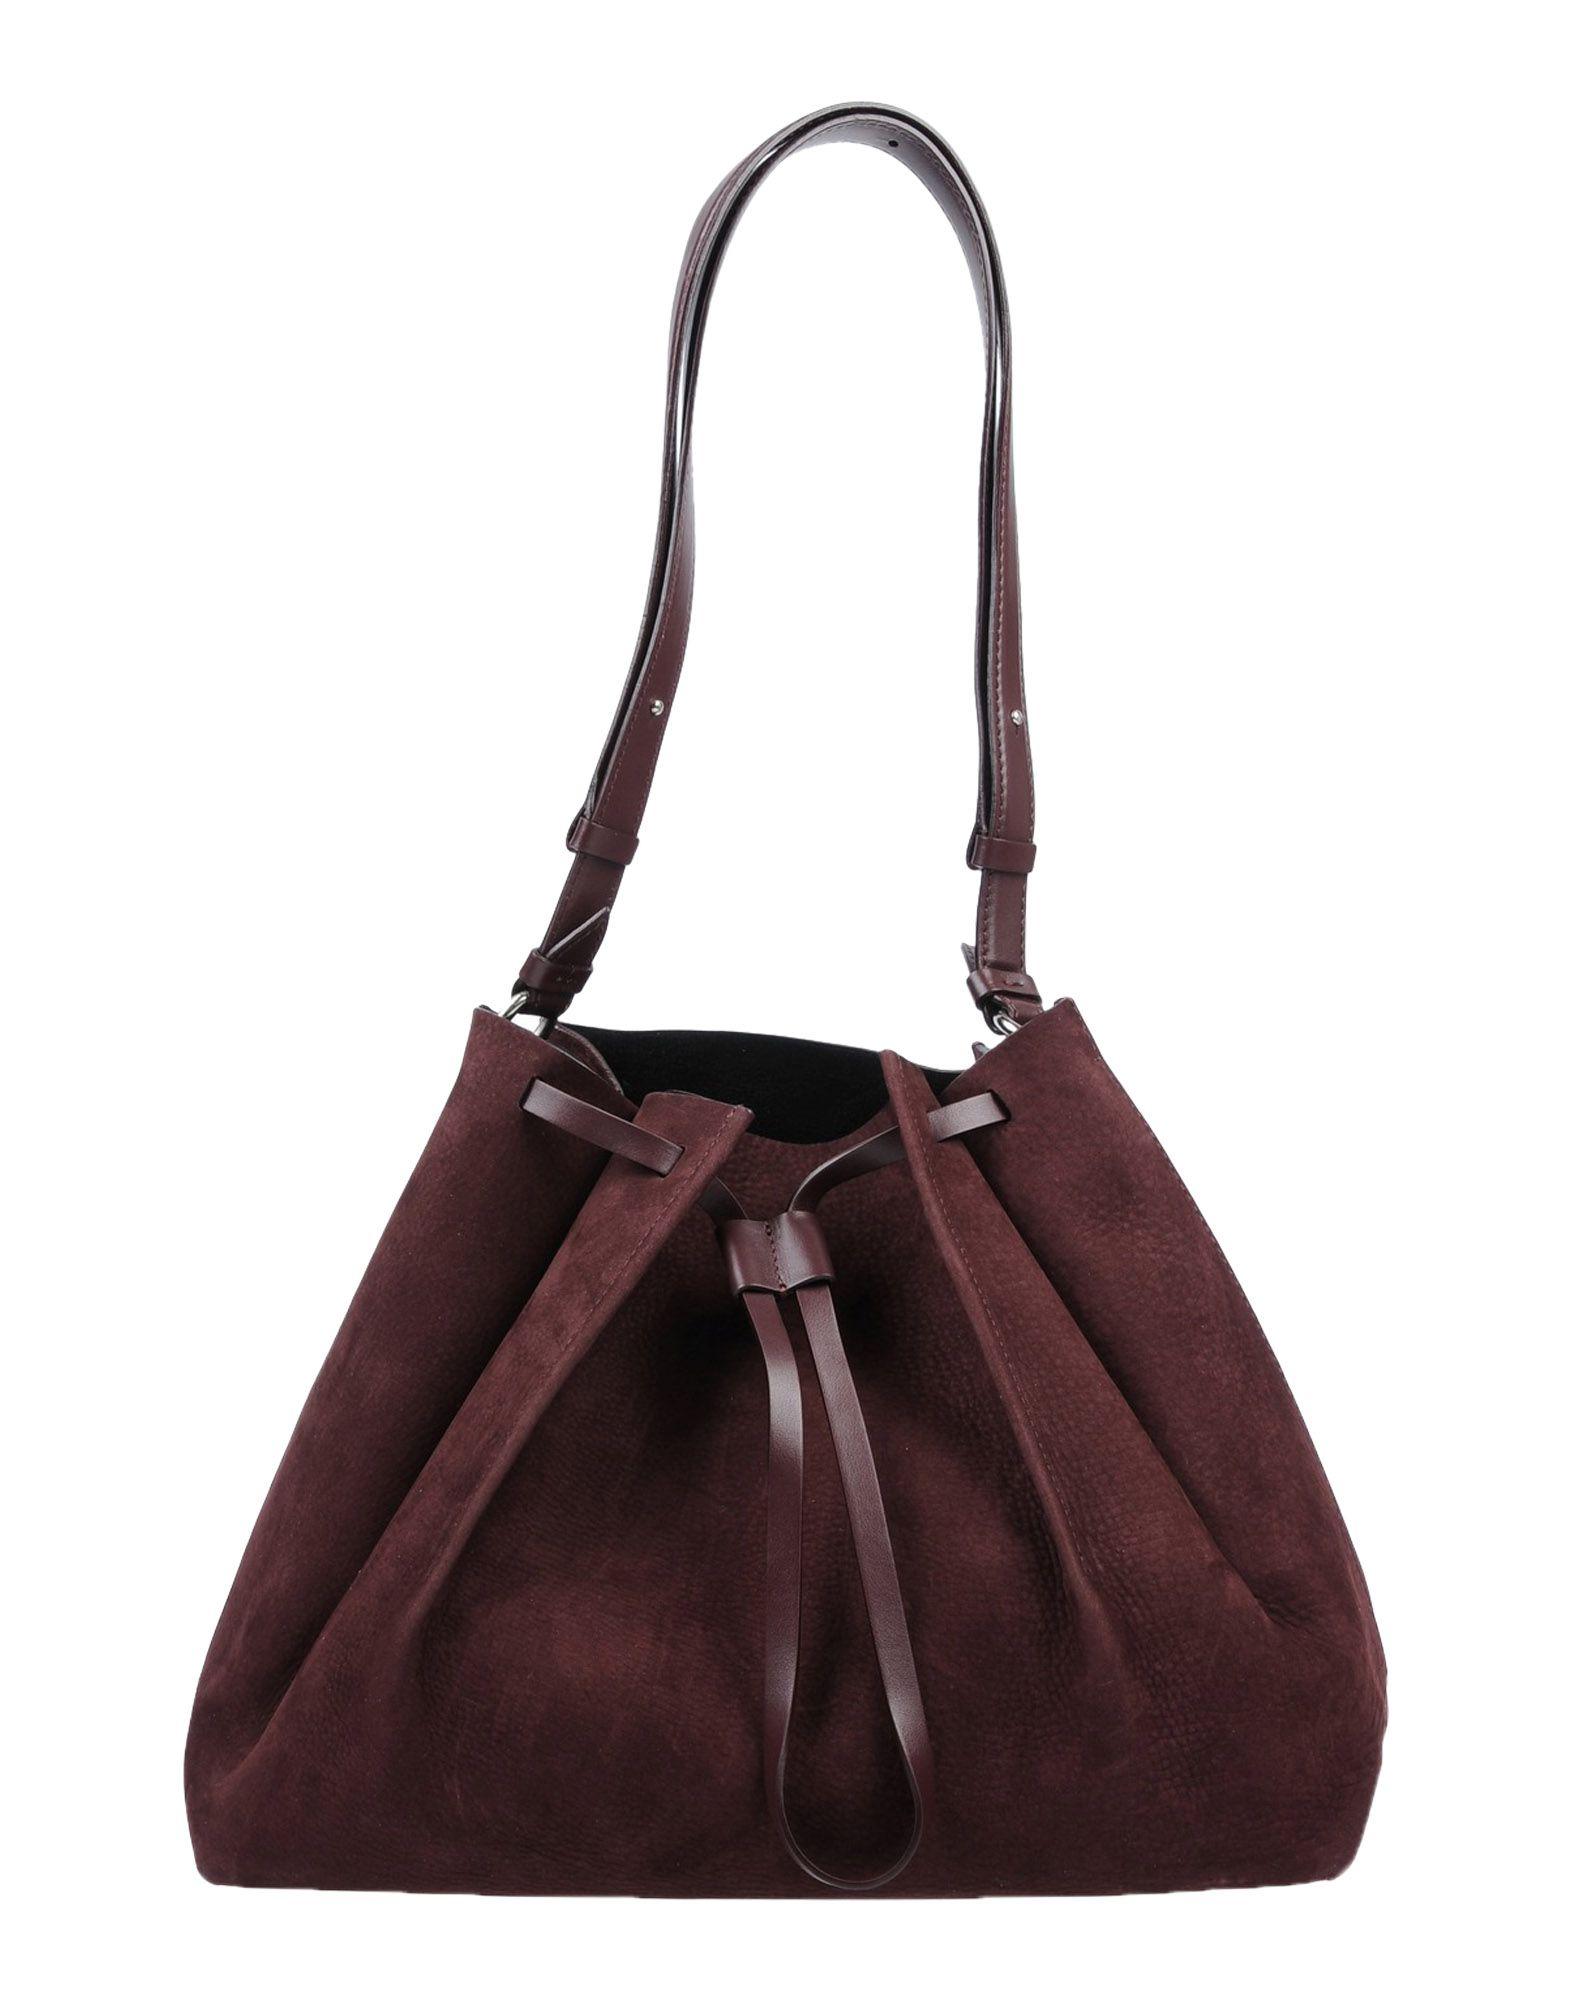 MAISON MARGIELA Сумка на плечо [супермаркет] landcase jingdong люди деловой сумки случайной сумка плечо сумка прилив мешок коричневого холст мешок 902